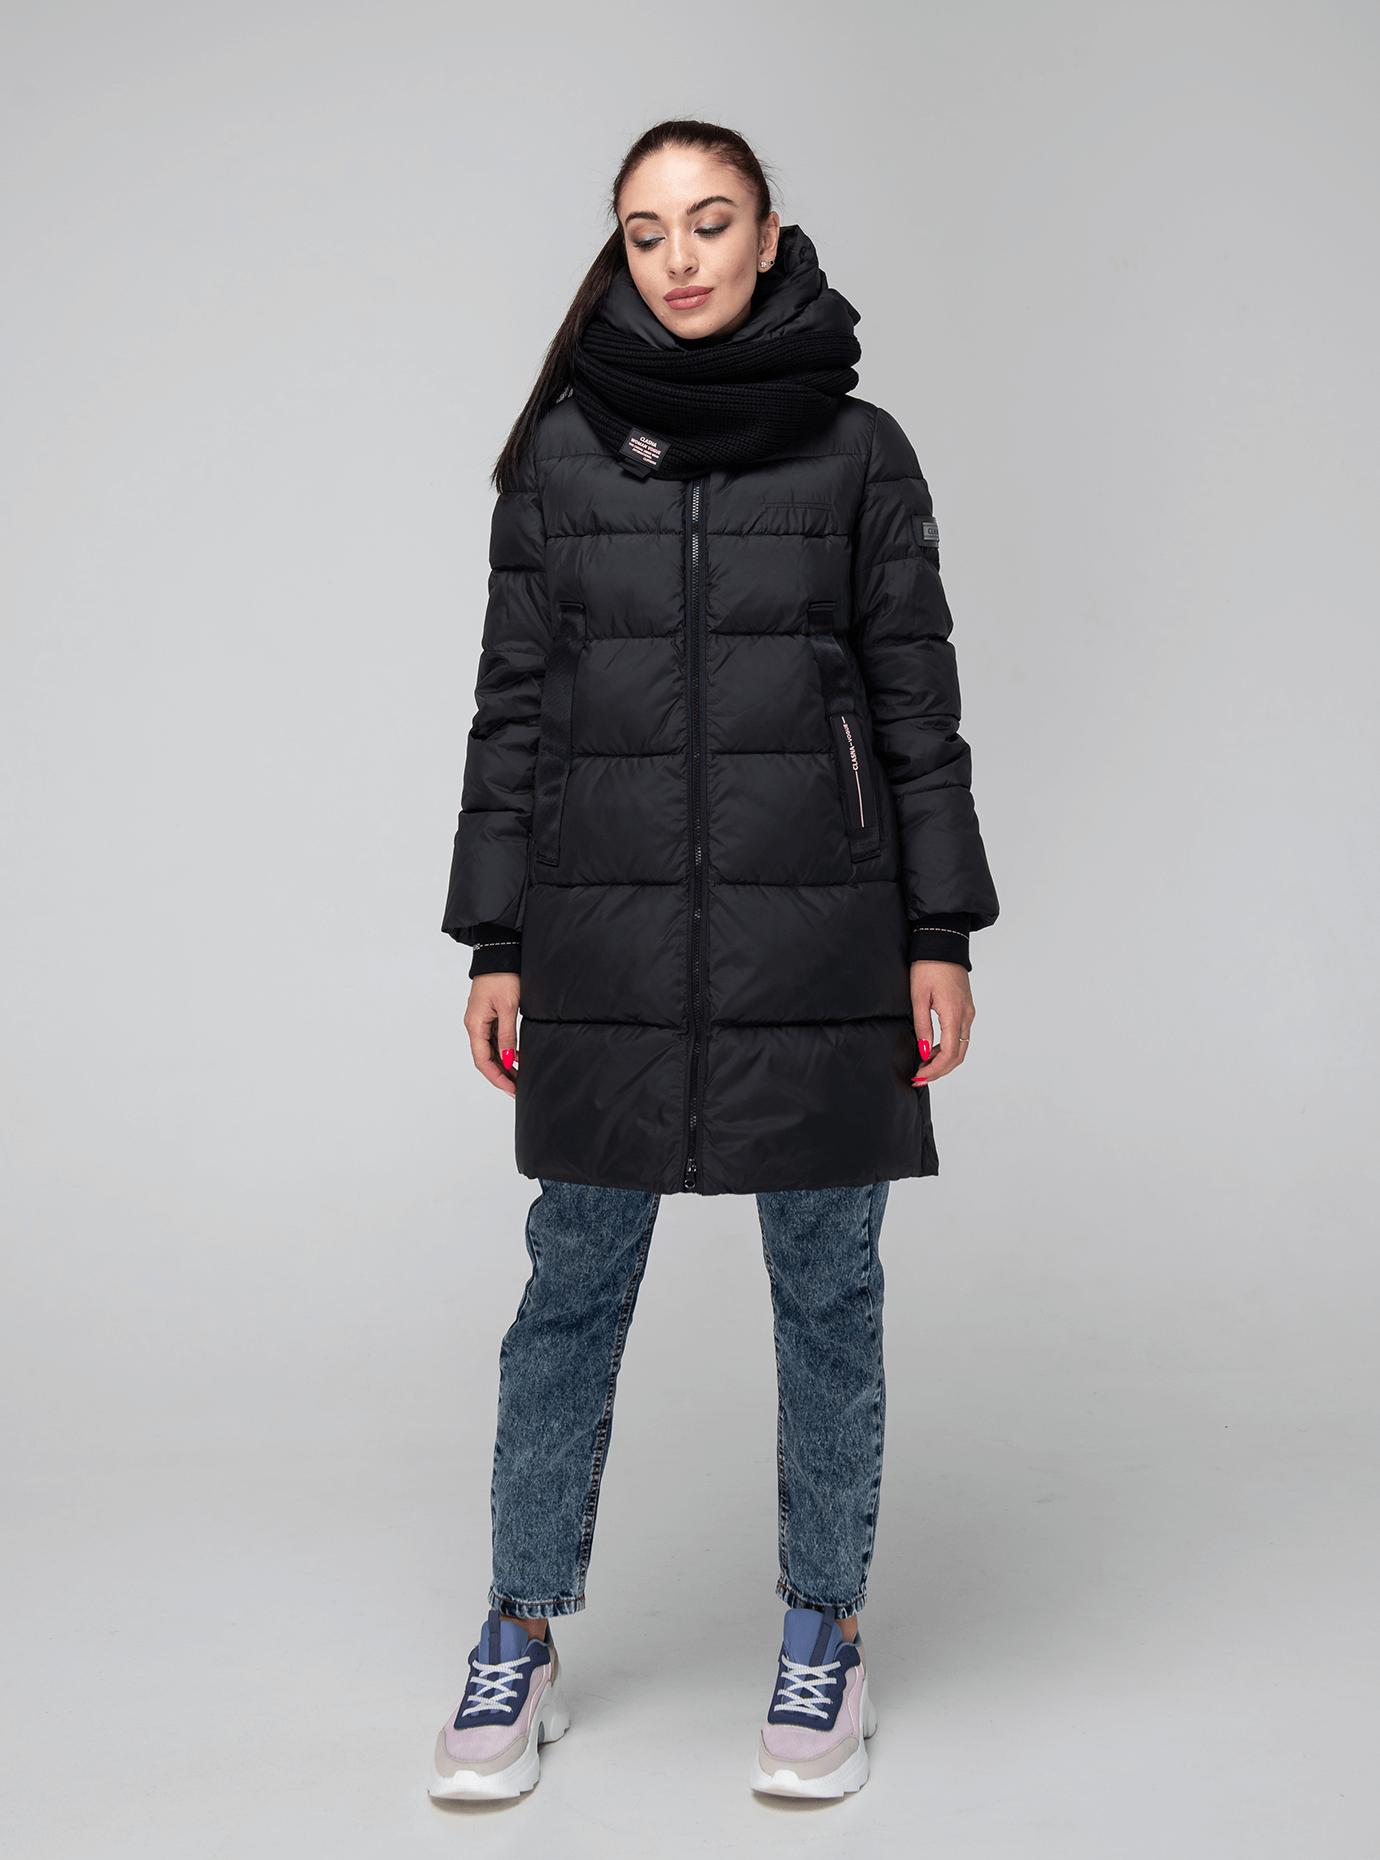 Куртка зимняя однотонная Чёрный L (02-190138): фото - Alster.ua